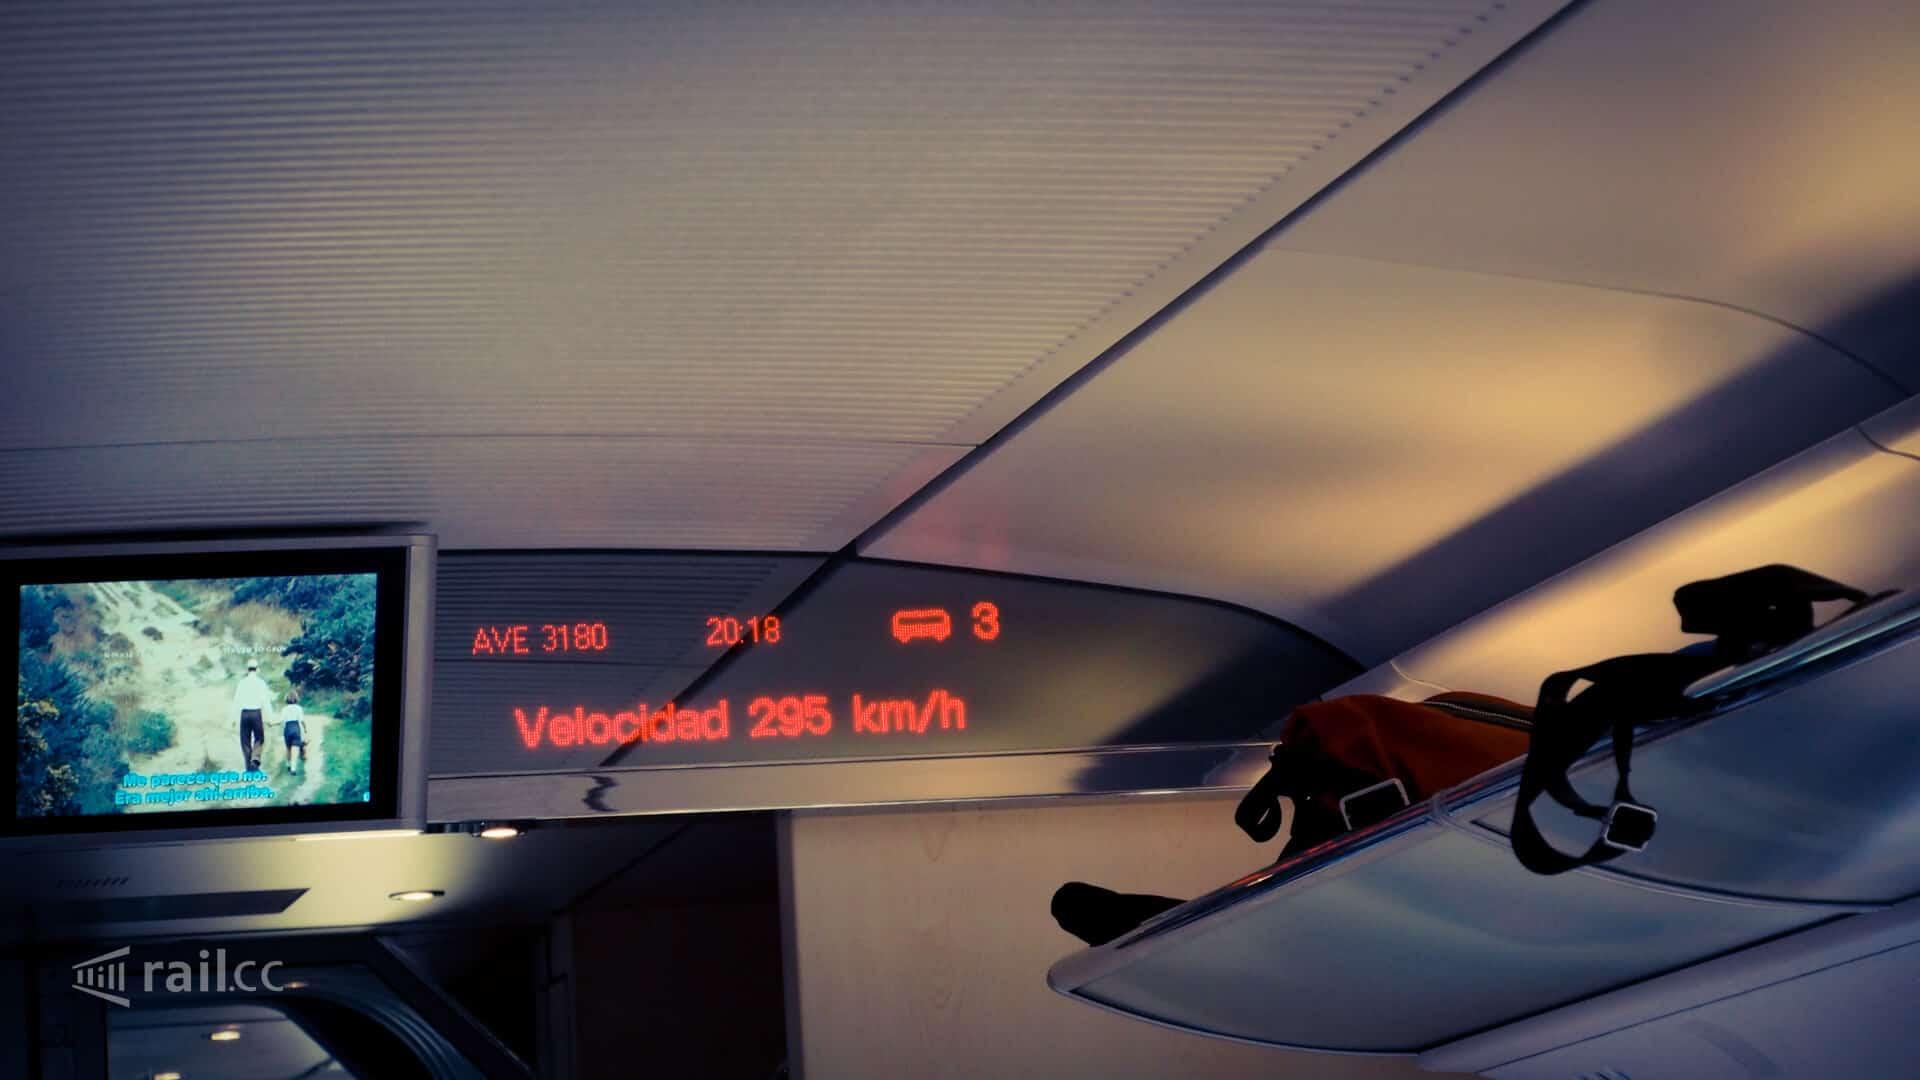 AVE Hochgeschwindigkeitszug in Spanien